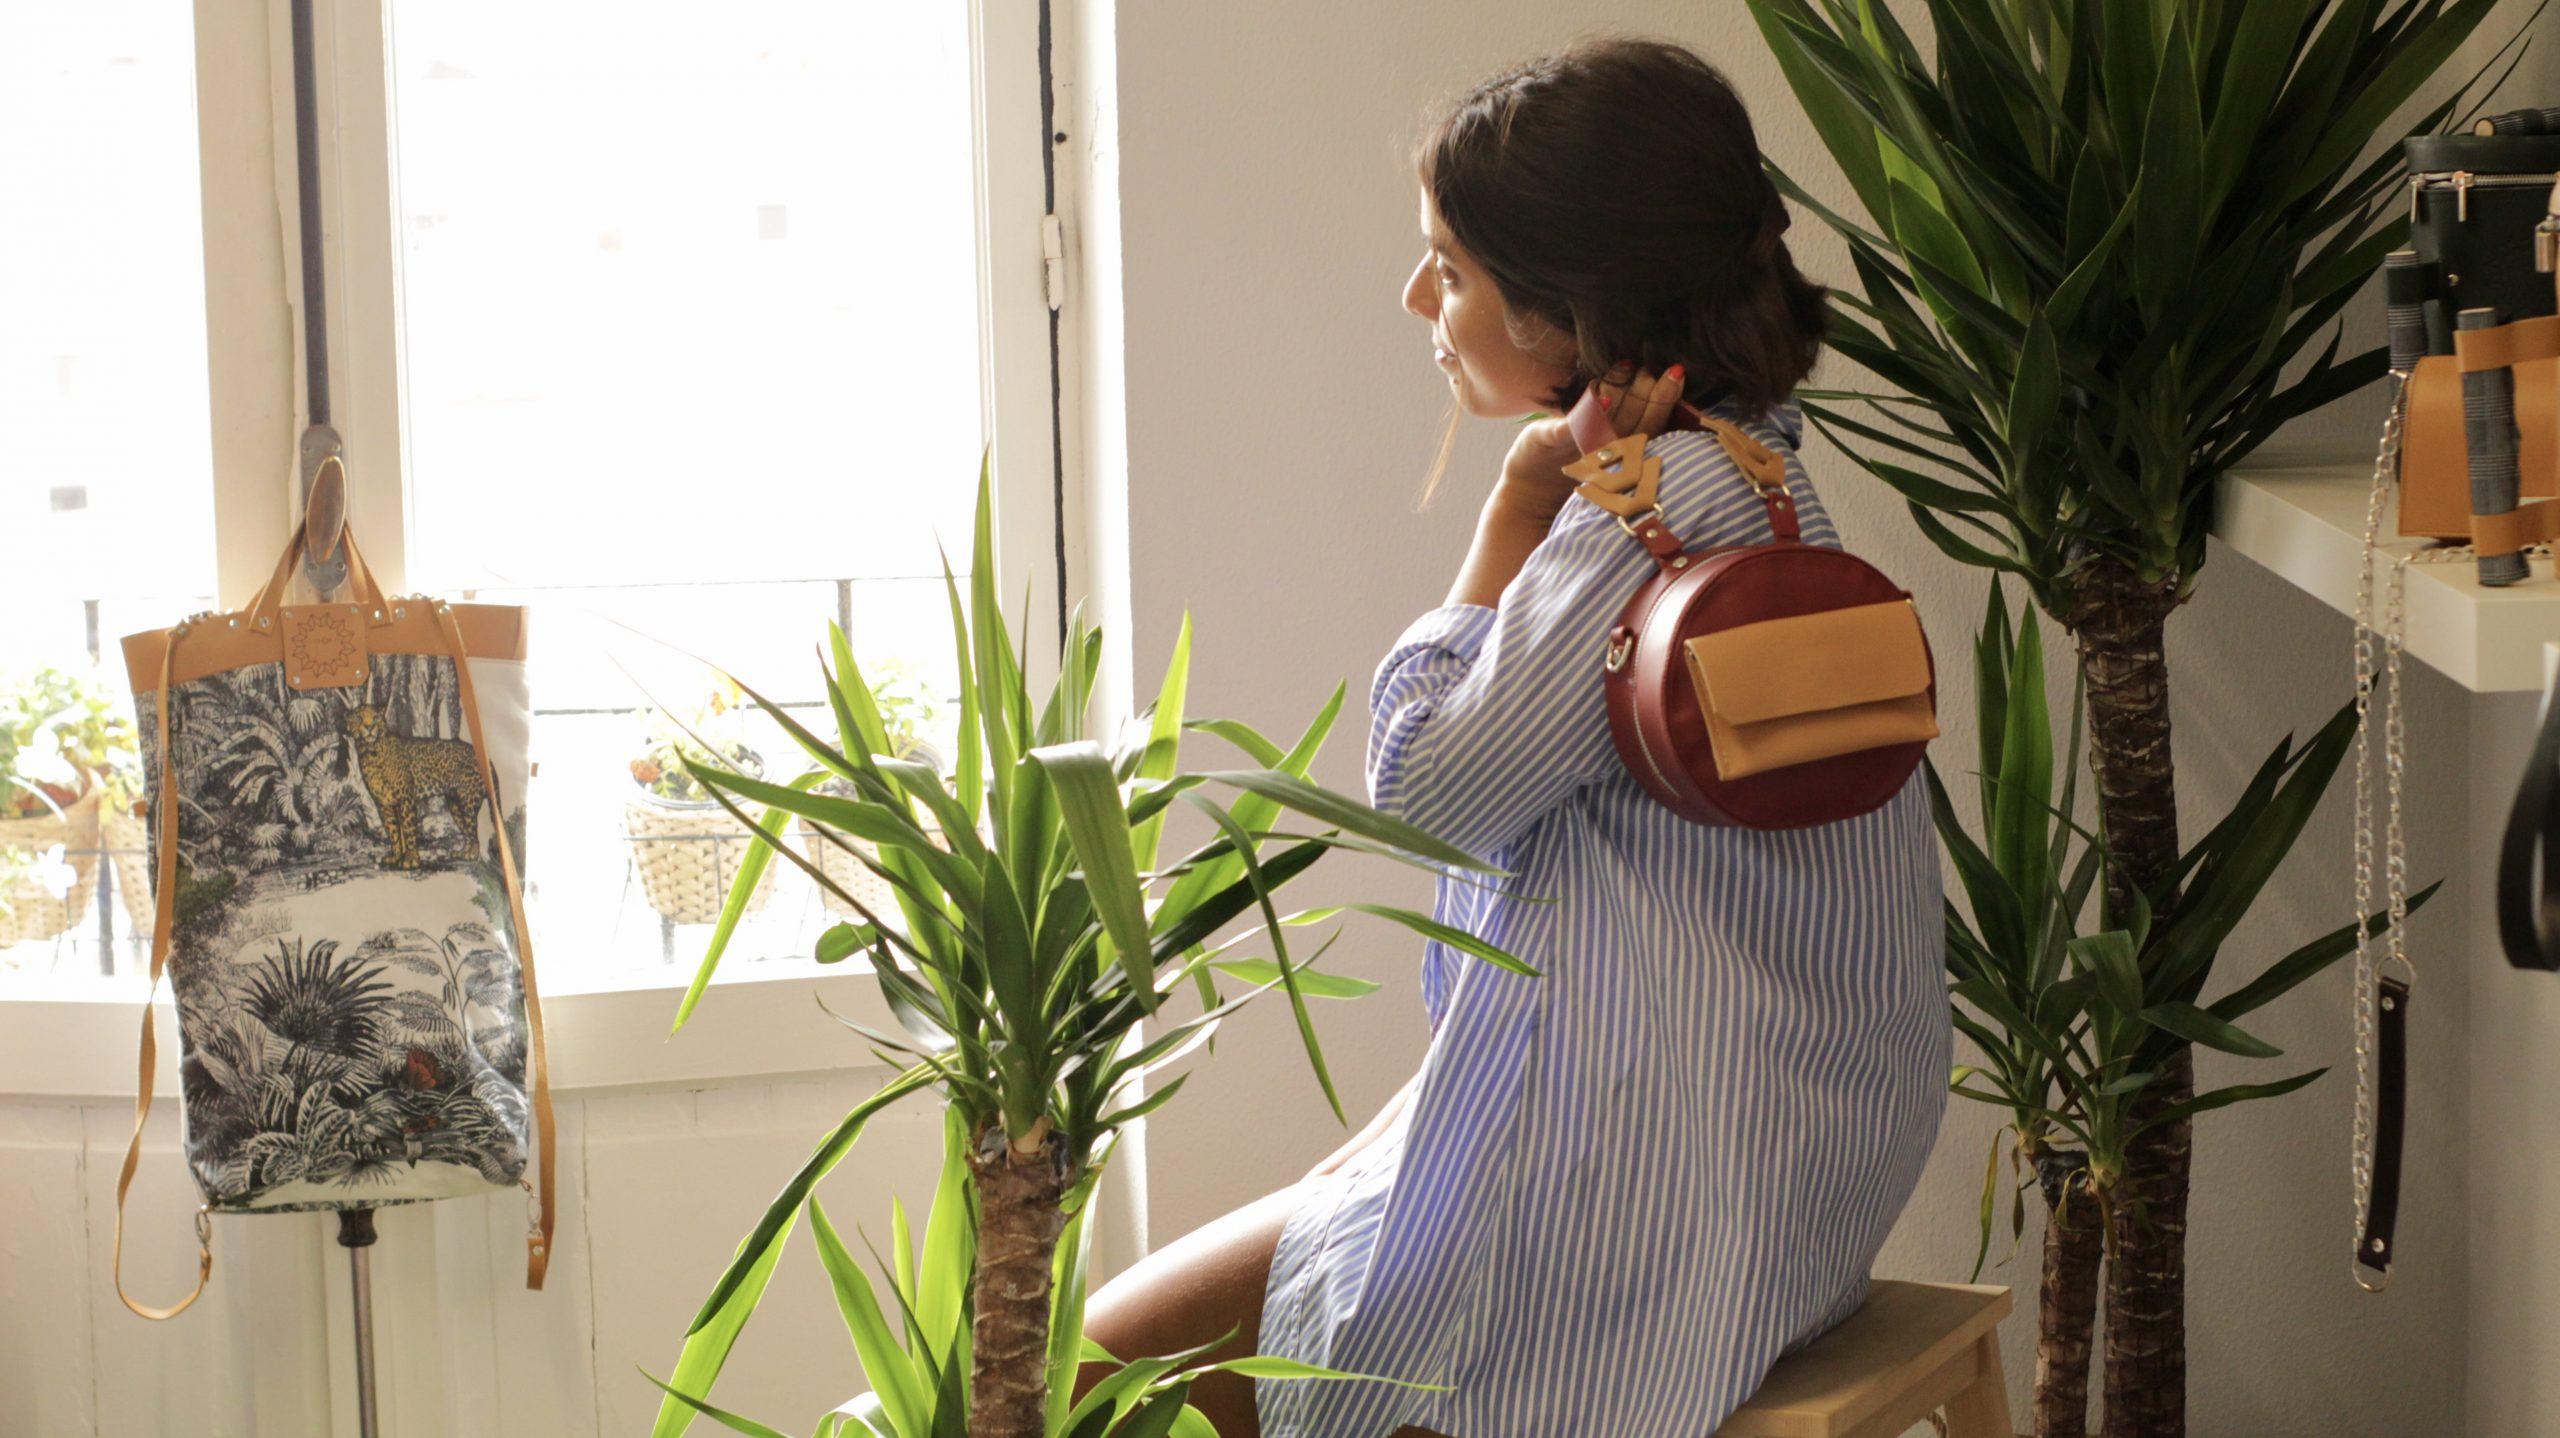 bolso de piel redondo sostenible y bolsa de algodón posando carla en showroom de Oviedo